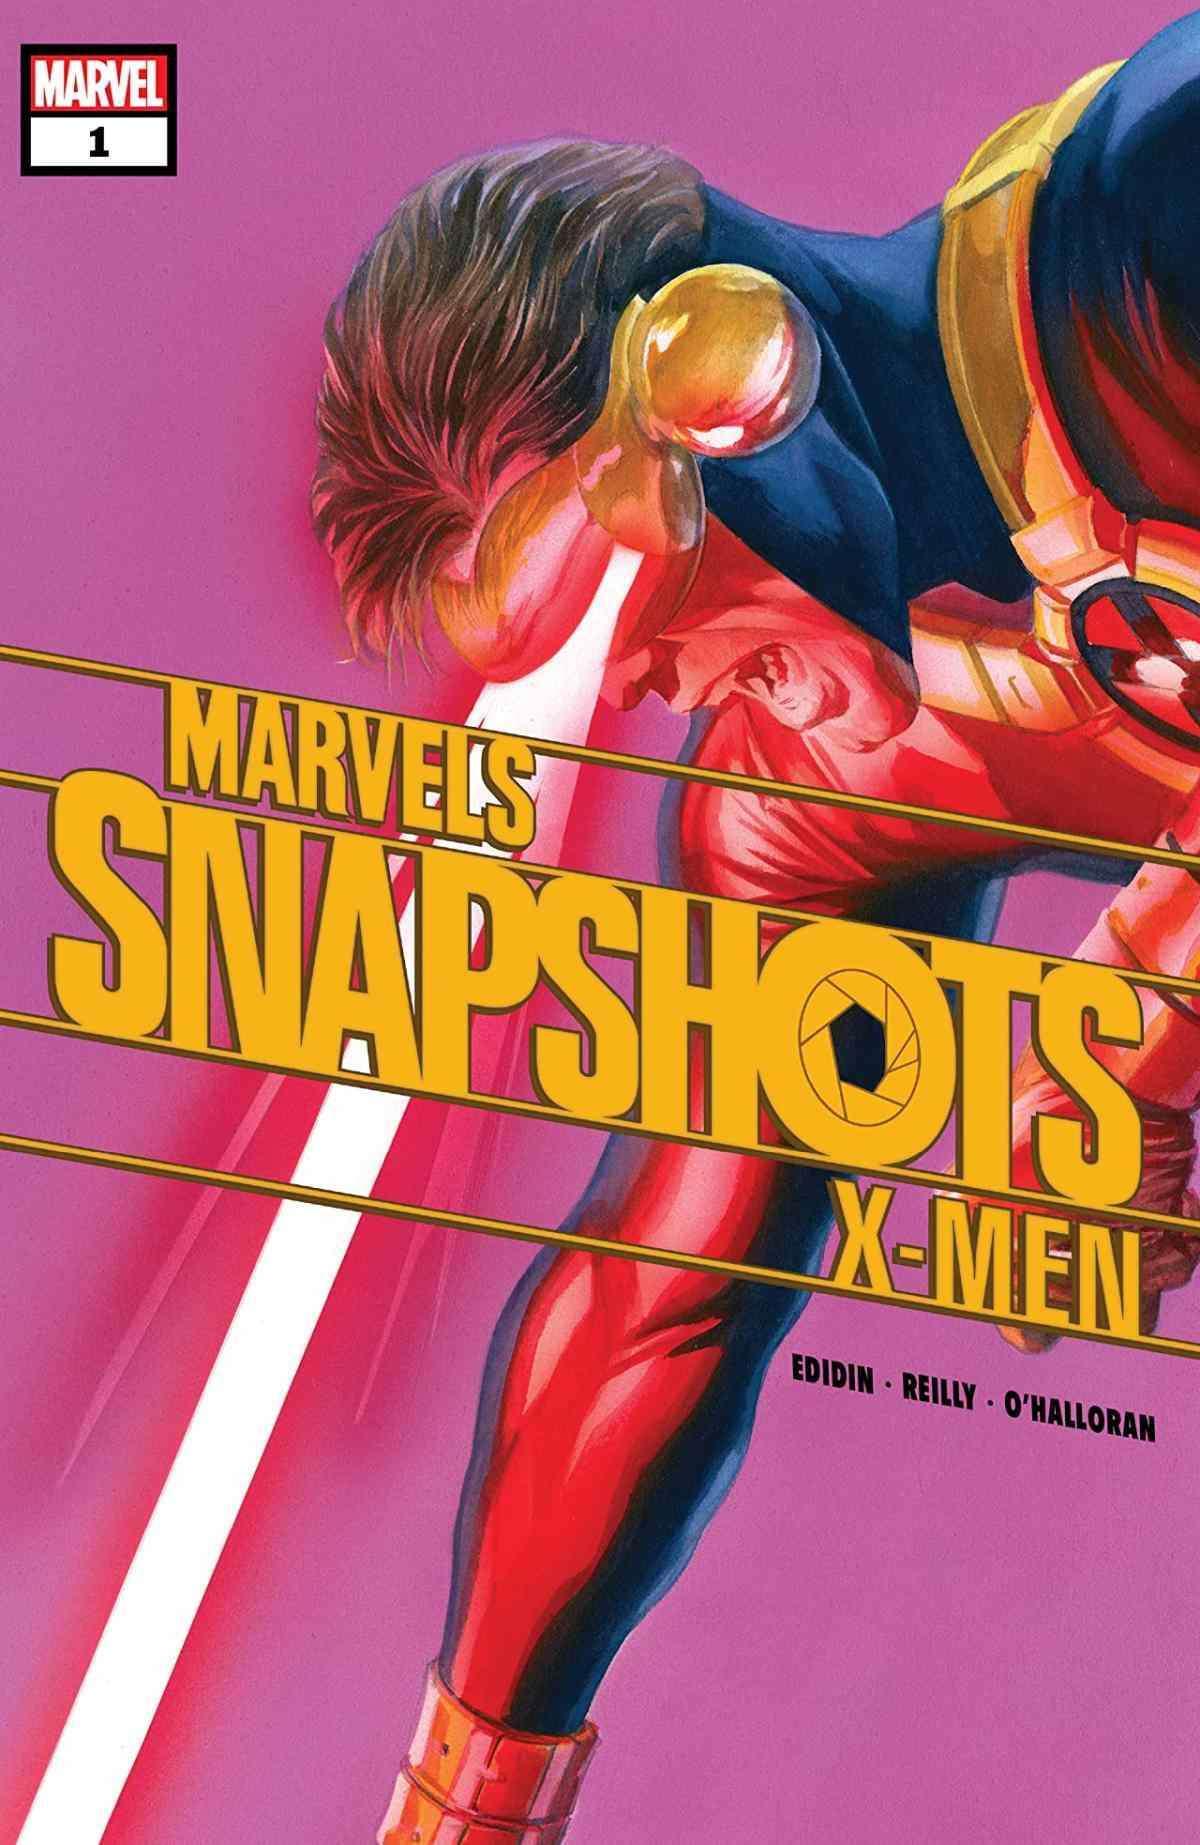 X-Men Marvels Snapshots #1